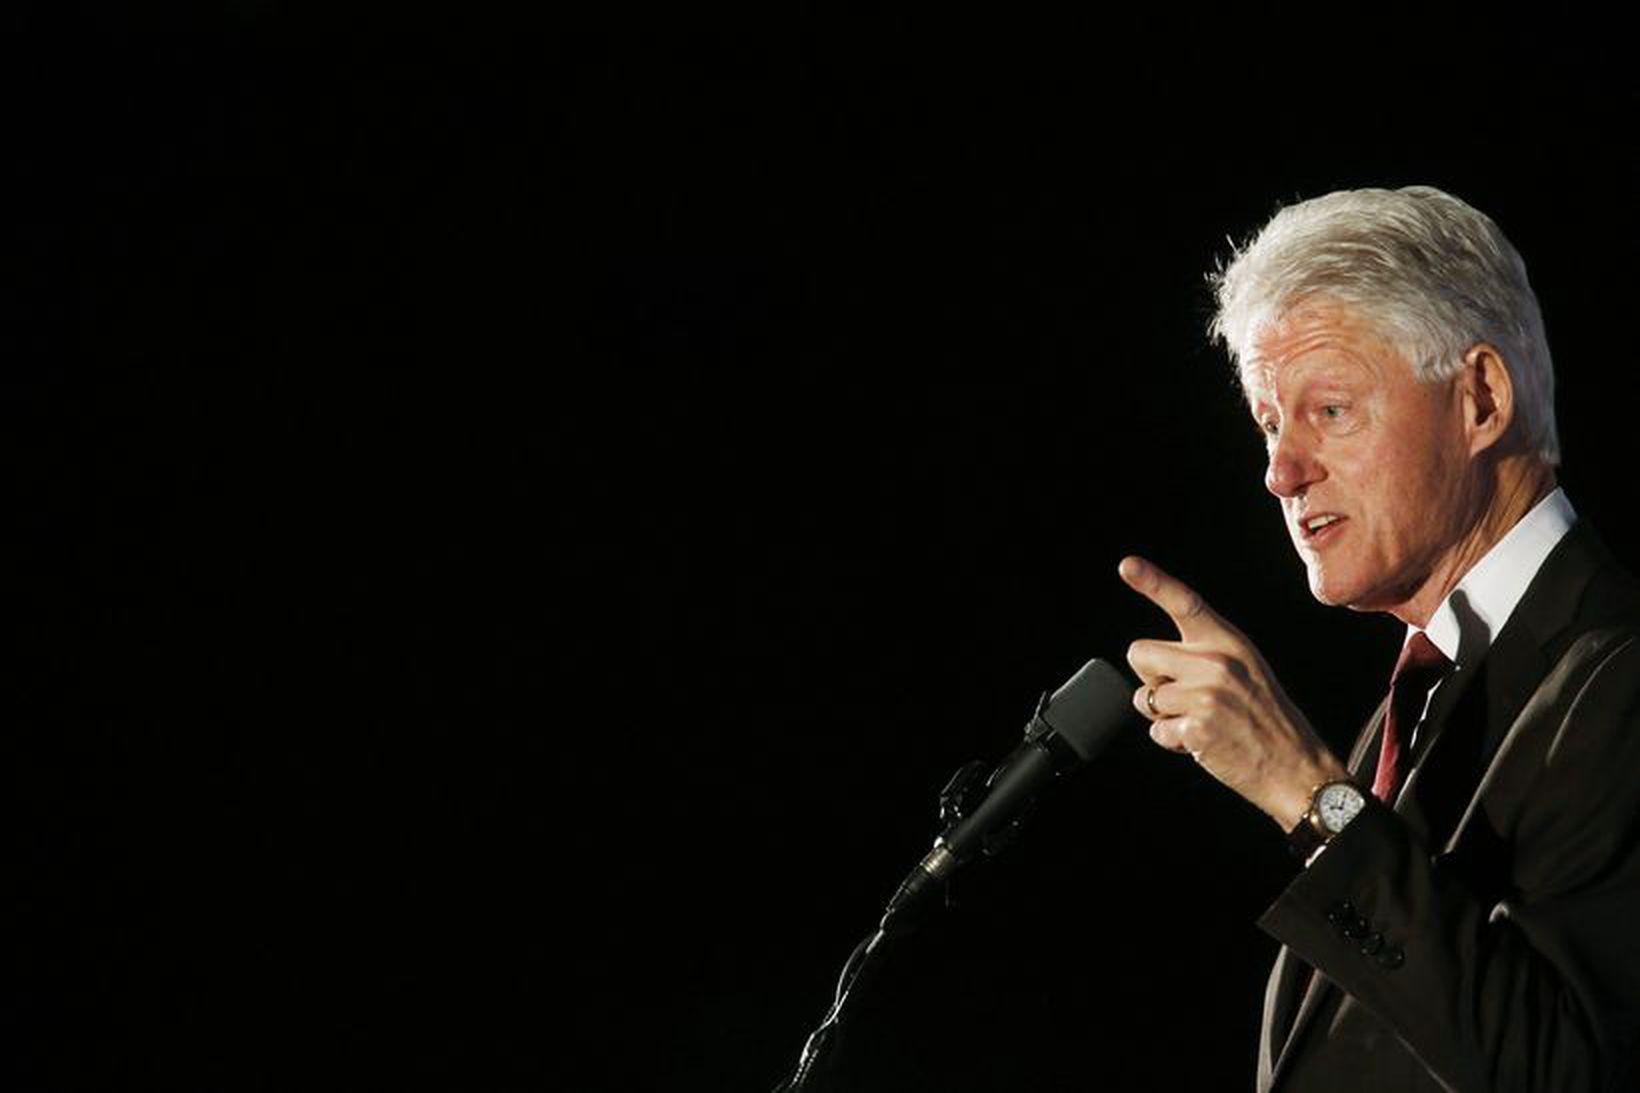 Bill Clinton ruglaðist á öllum nöfnunum í Njálu.